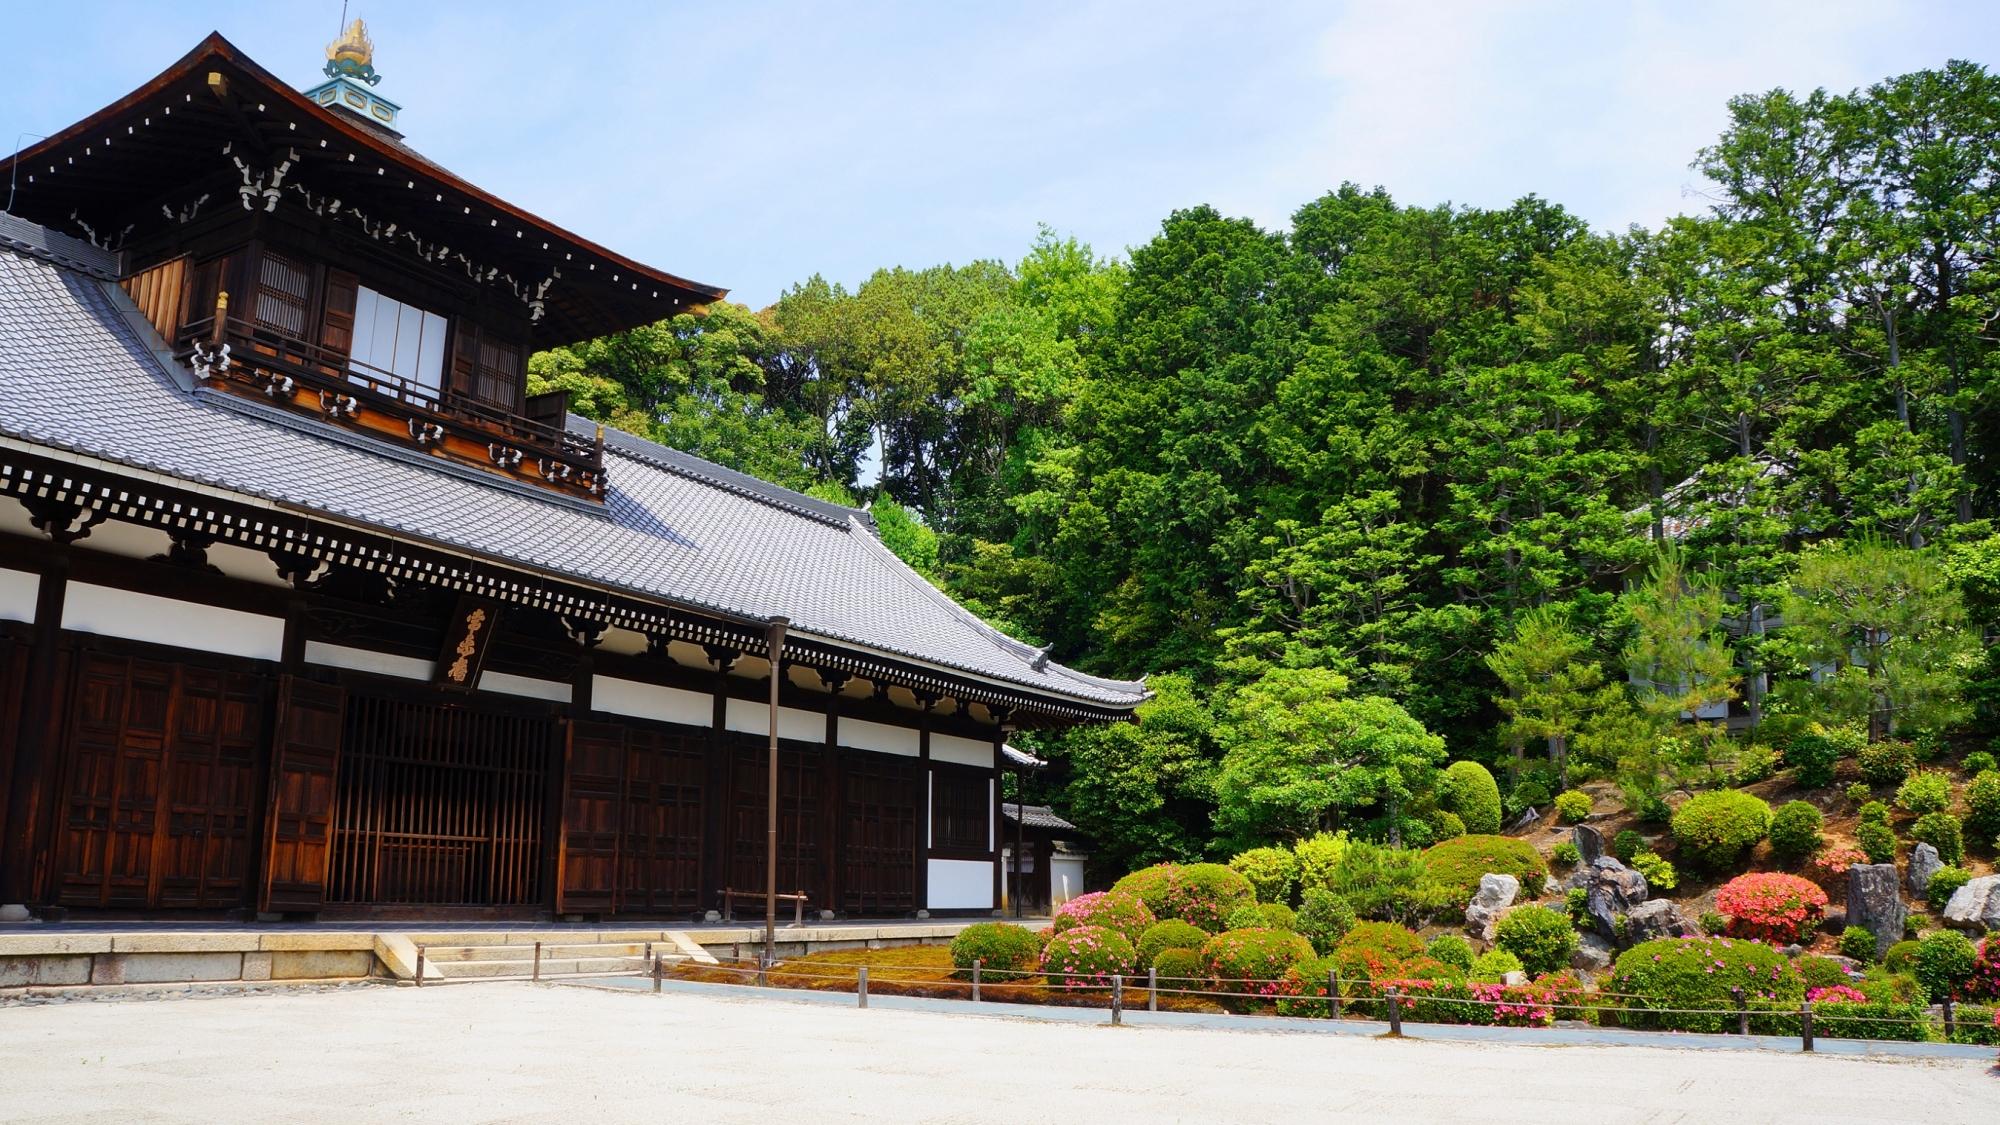 背景は圧倒的な緑になっている東福寺の開山堂